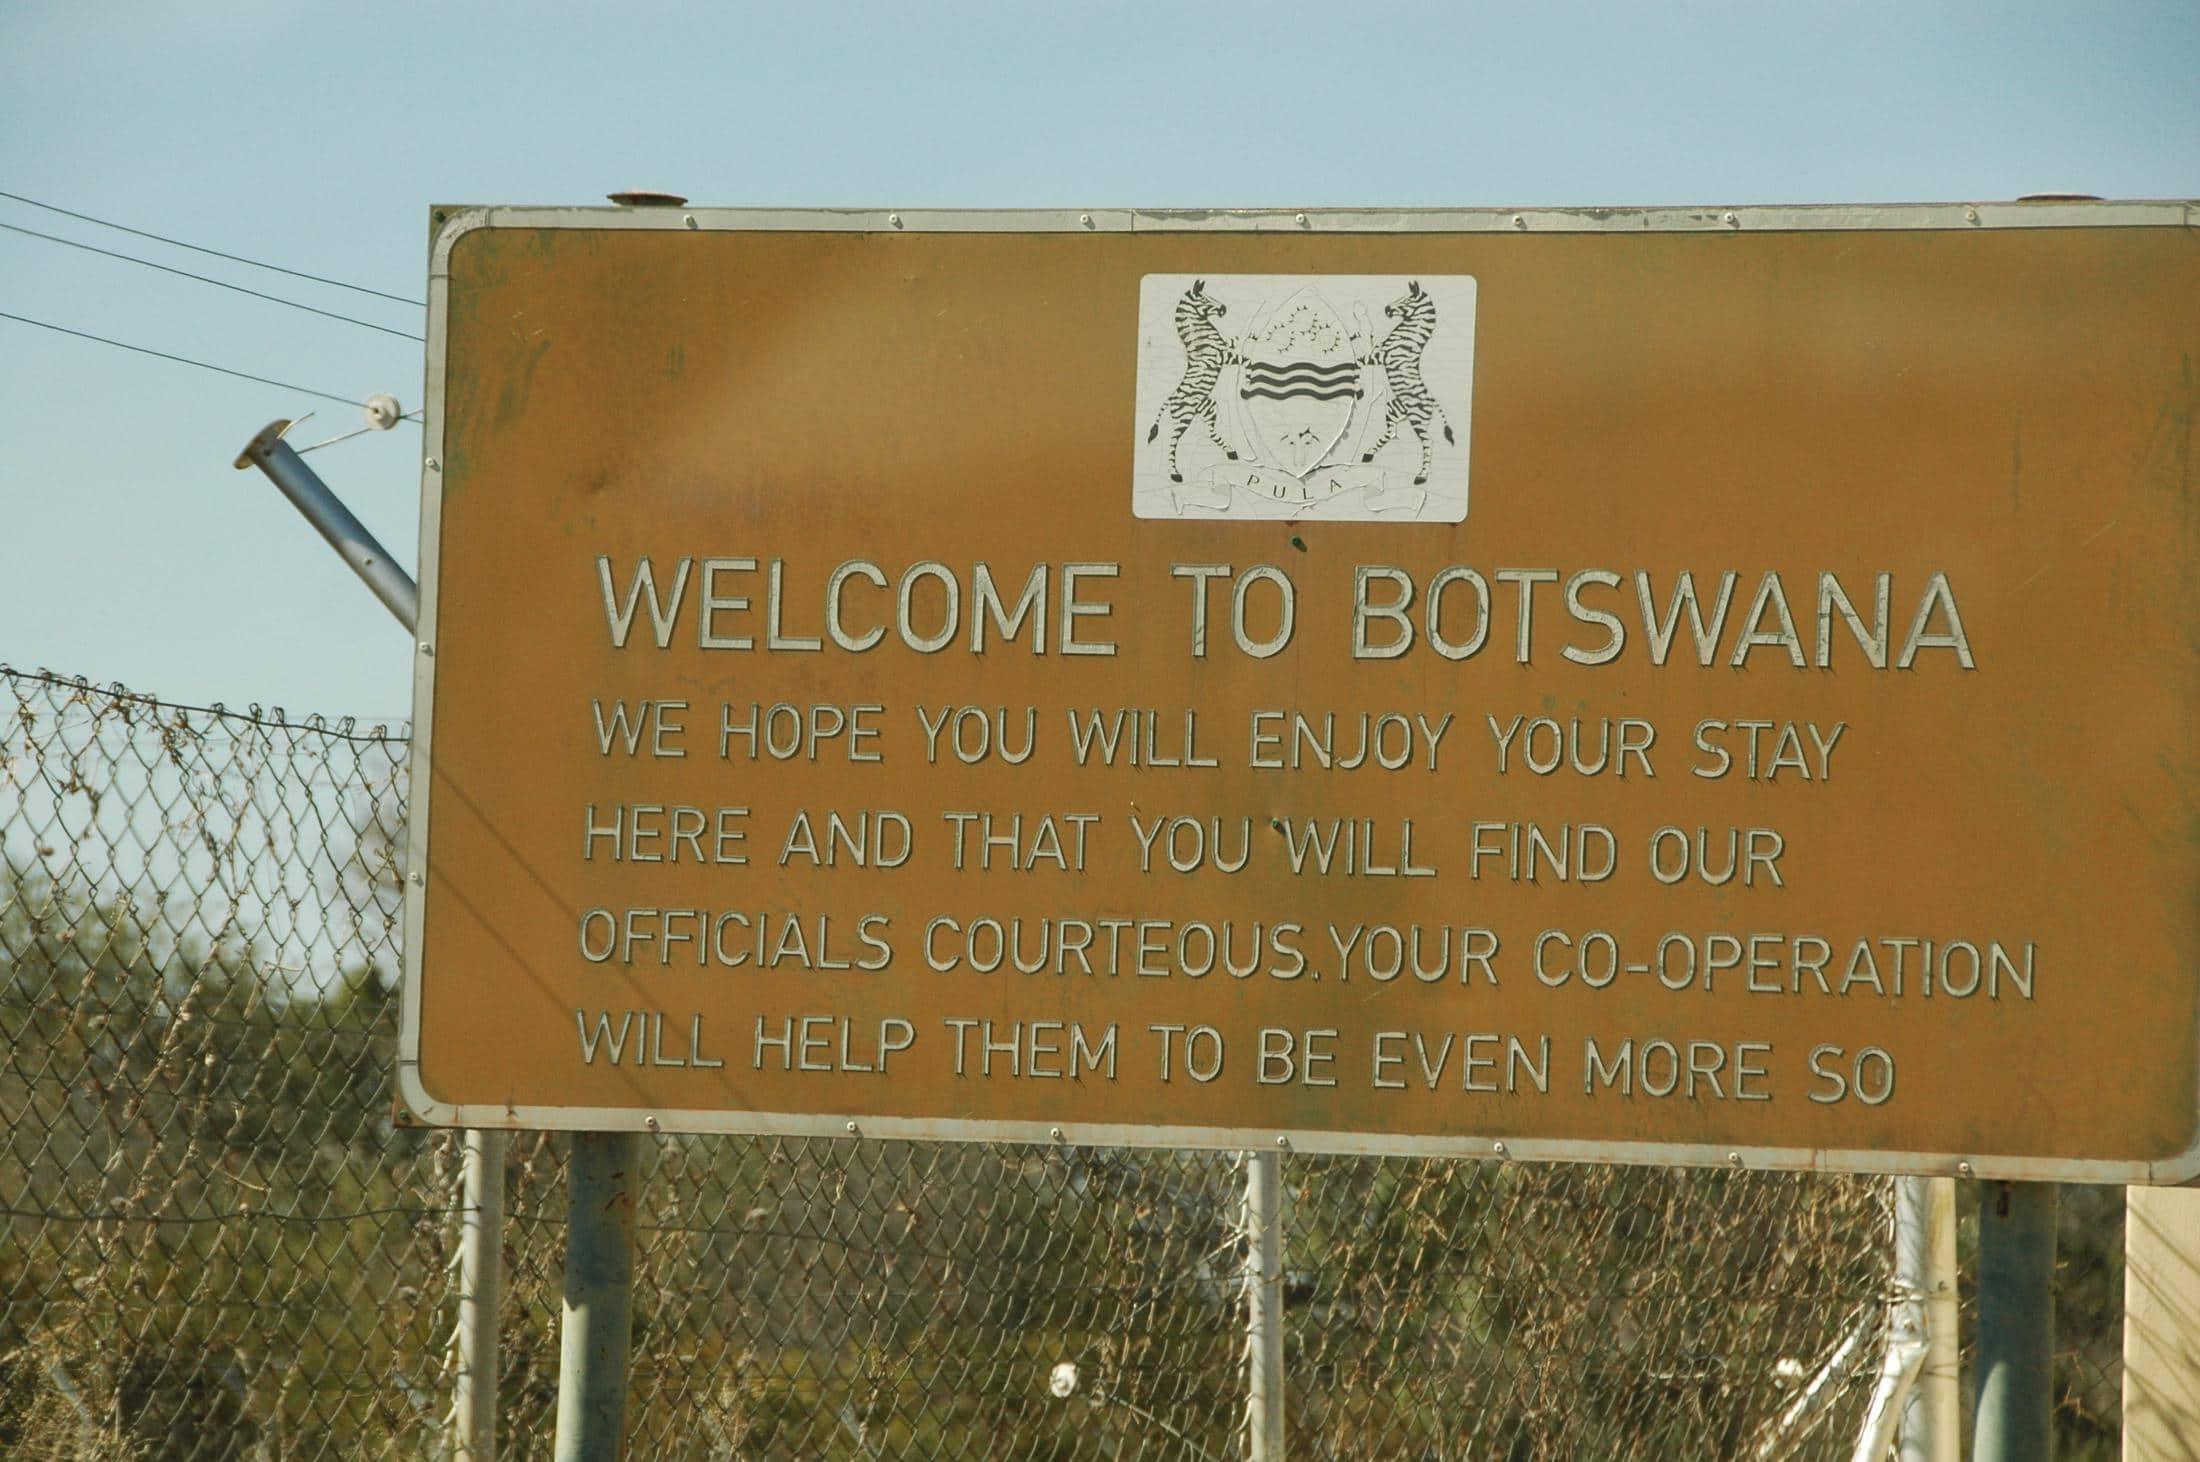 Familiereizen Botswana: Zelf rijden vanuit Namibië of Zuid-Afrika met grensovergangen.